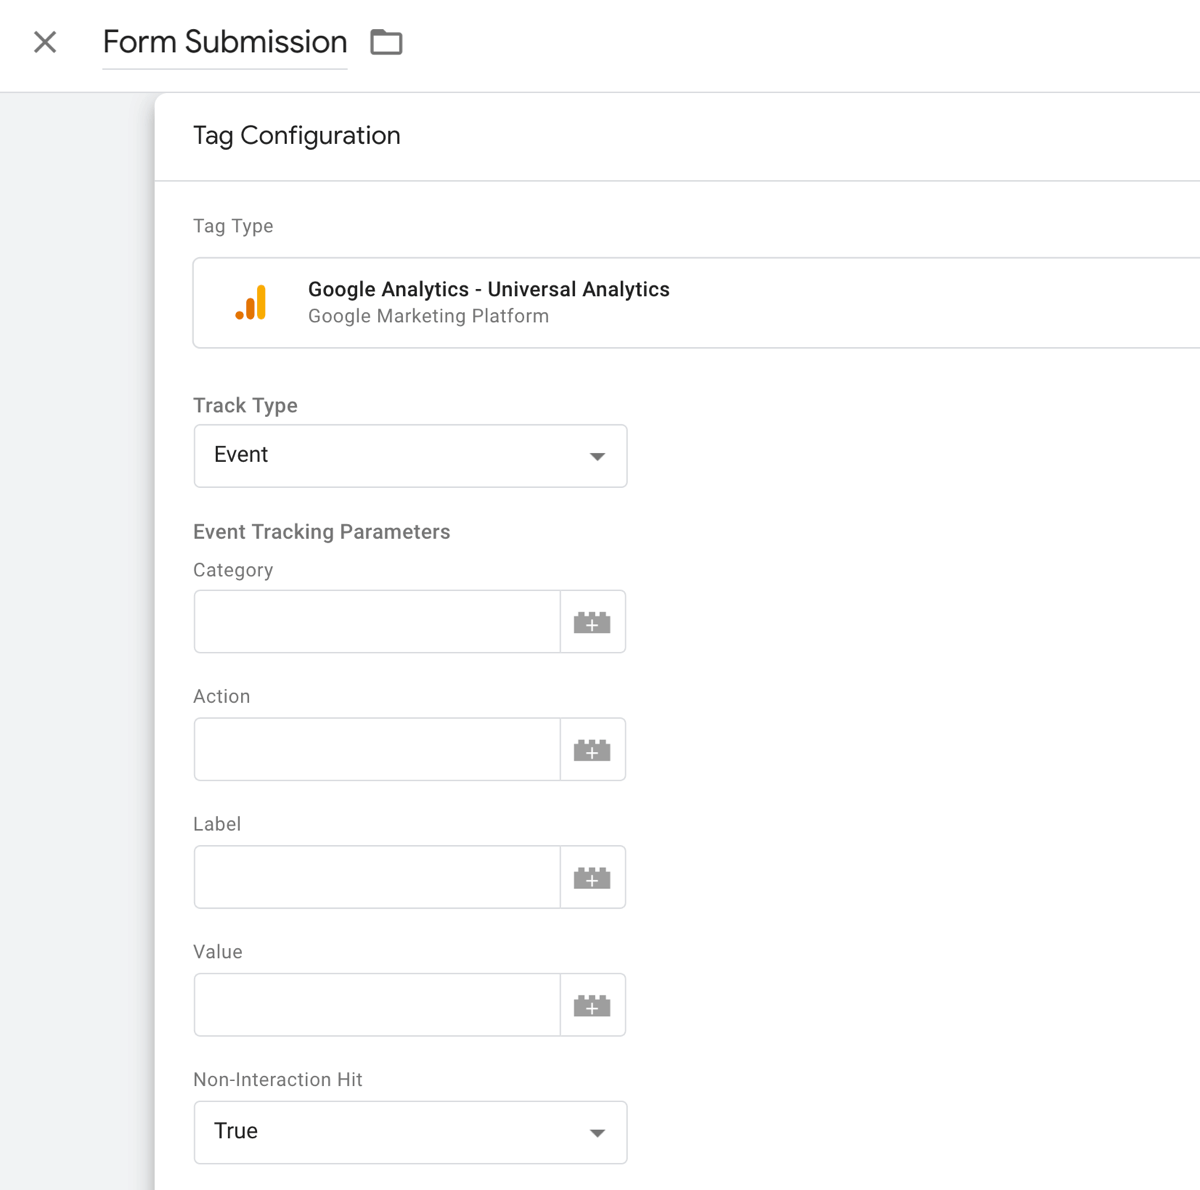 Điền các trường cần thiết trong Google tag manager để theo dõi